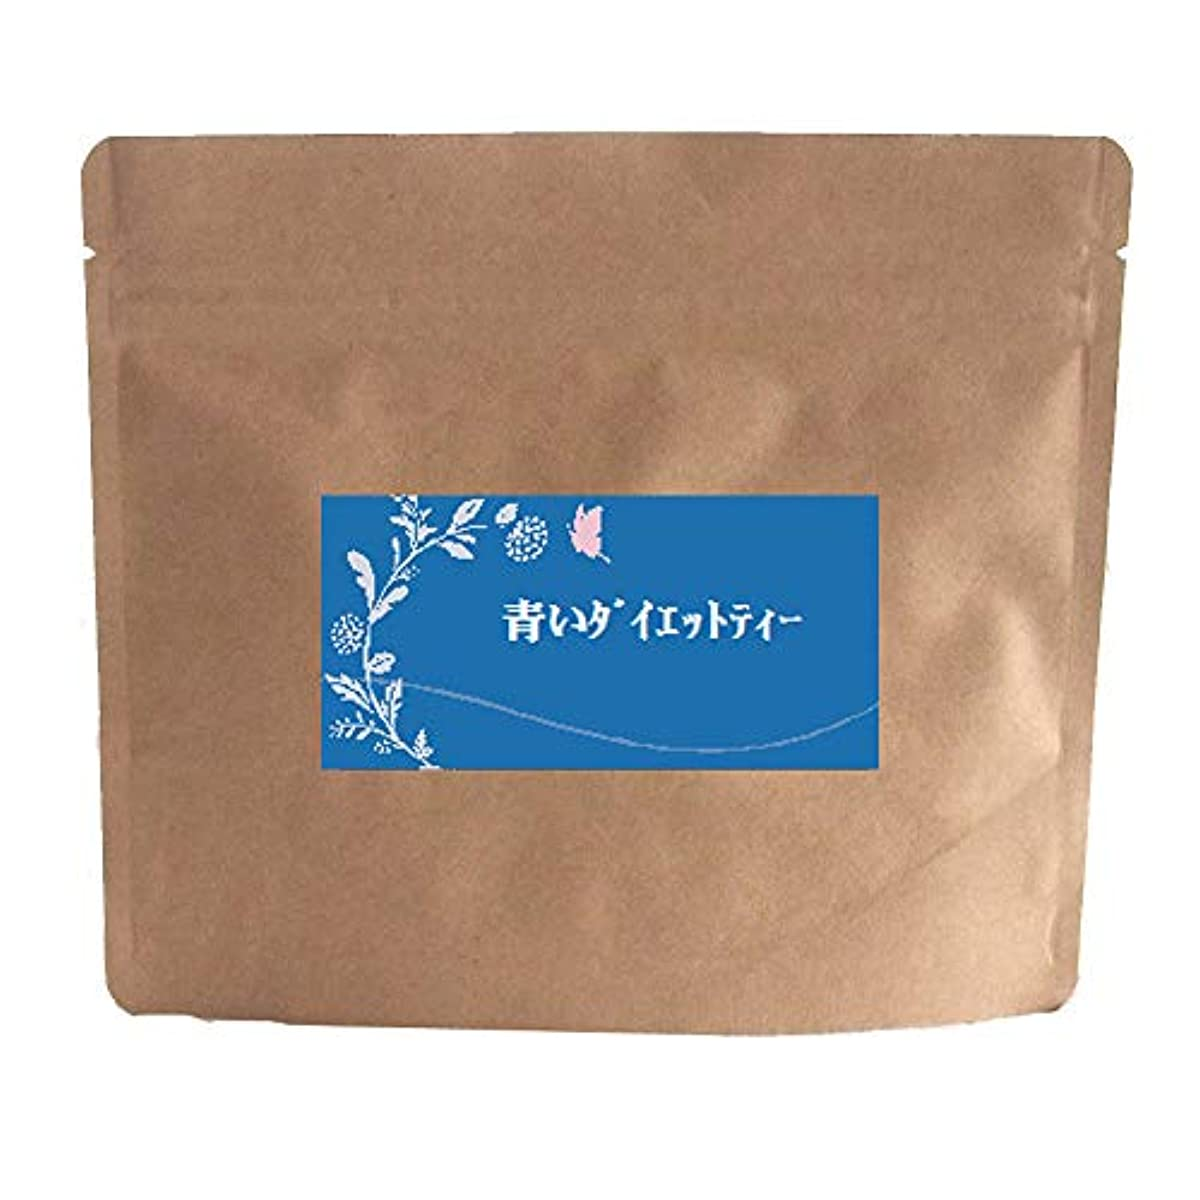 完全に乾く紳士公青いダイエットティー312g バタフライピー 難消化性デキストリン ダイエットドリンク 粉末 パウダー